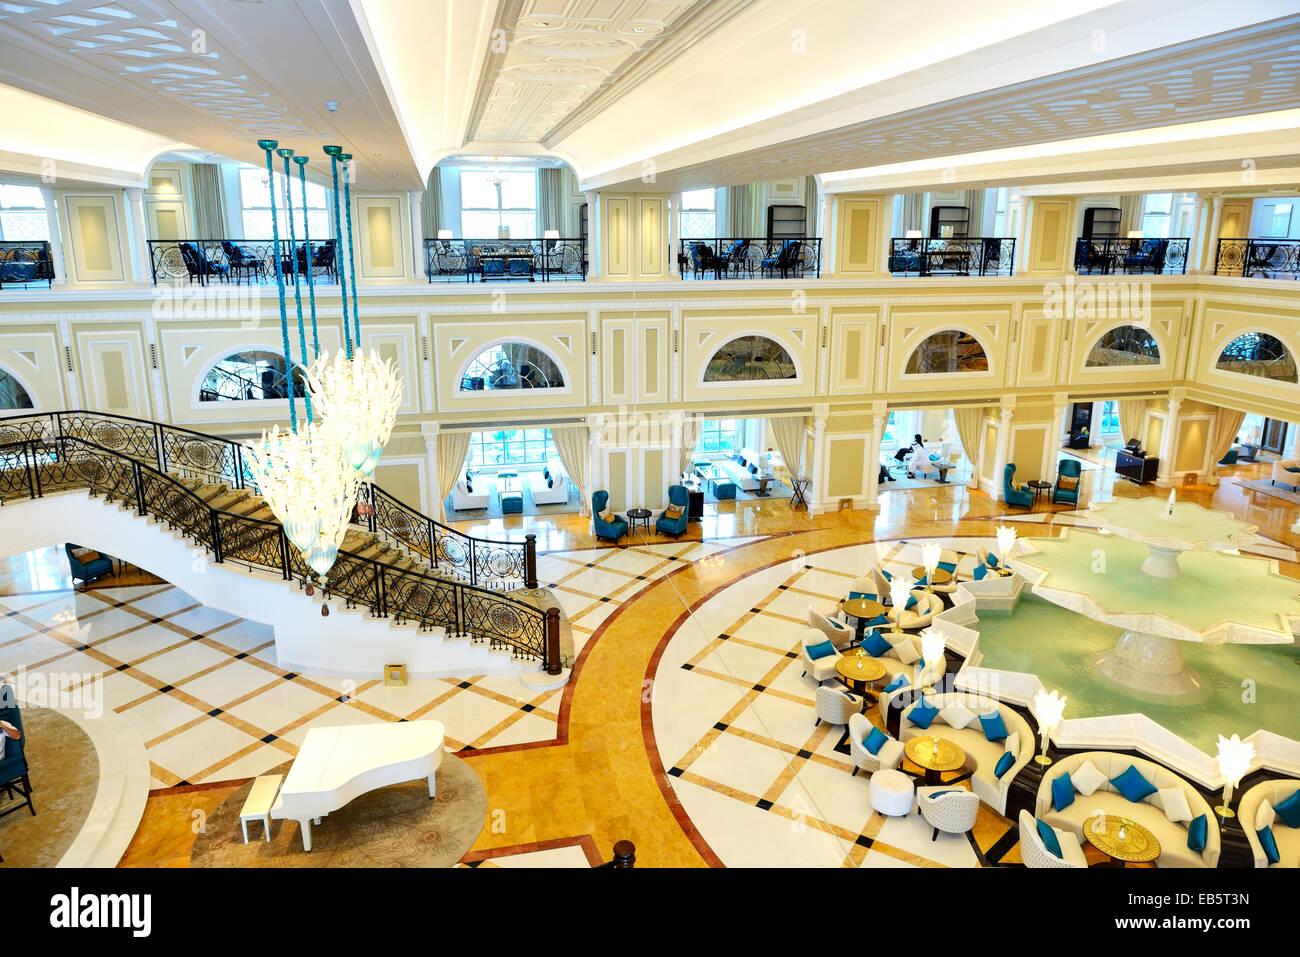 Hotel Di Lusso Interni : Interno della lobby di questo hotel di lusso in illuminazione